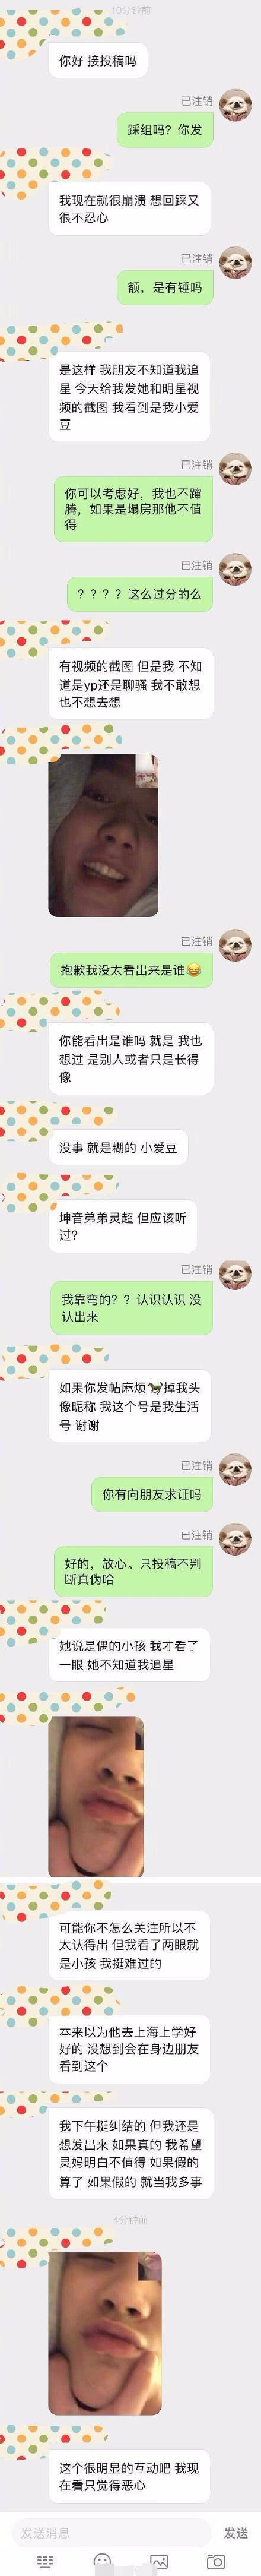 上海11选5QQ群